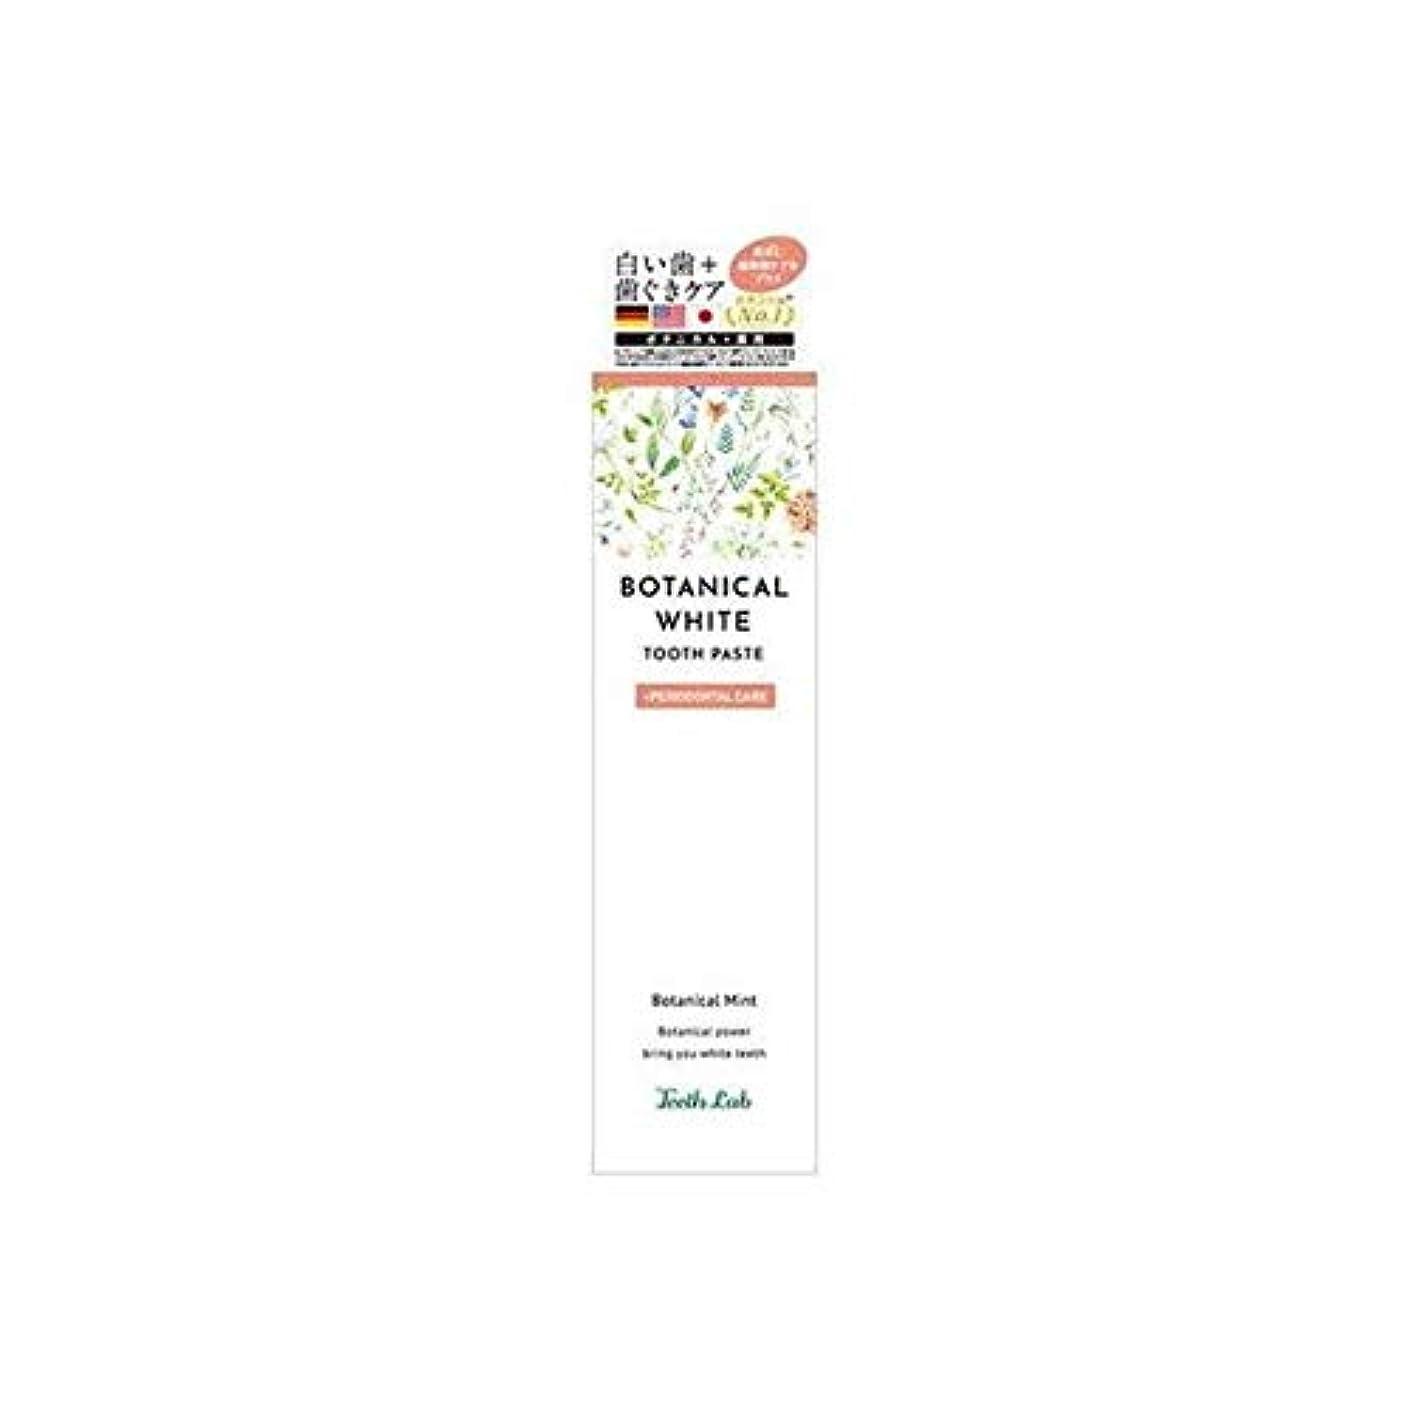 ラフレシアアルノルディエレメンタル無人ティースラボ ボタニカルホワイト+歯ぐきケア 90g